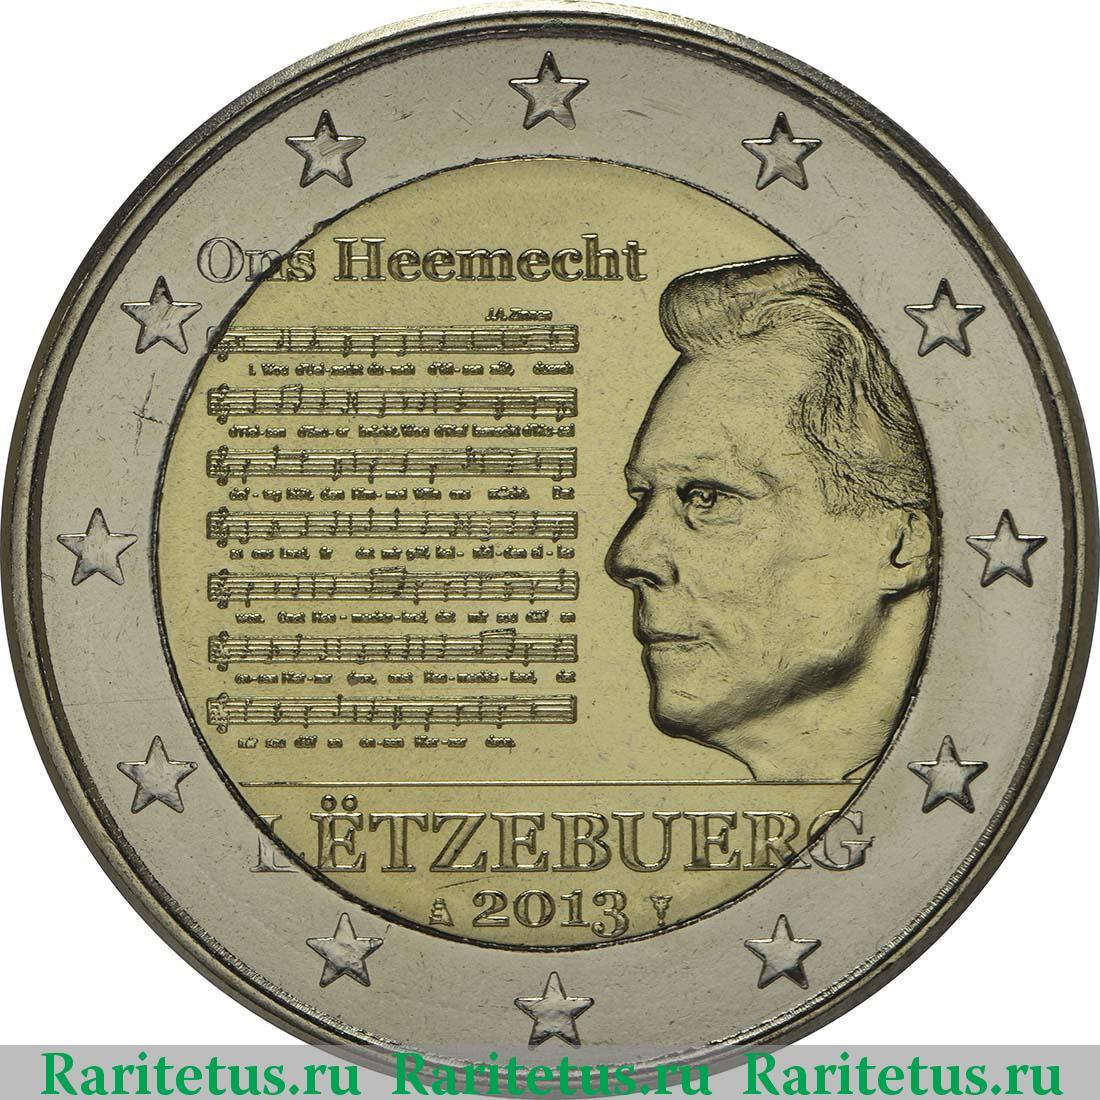 Монеты 2 евро 2013 года фото денежных купюр разных стран